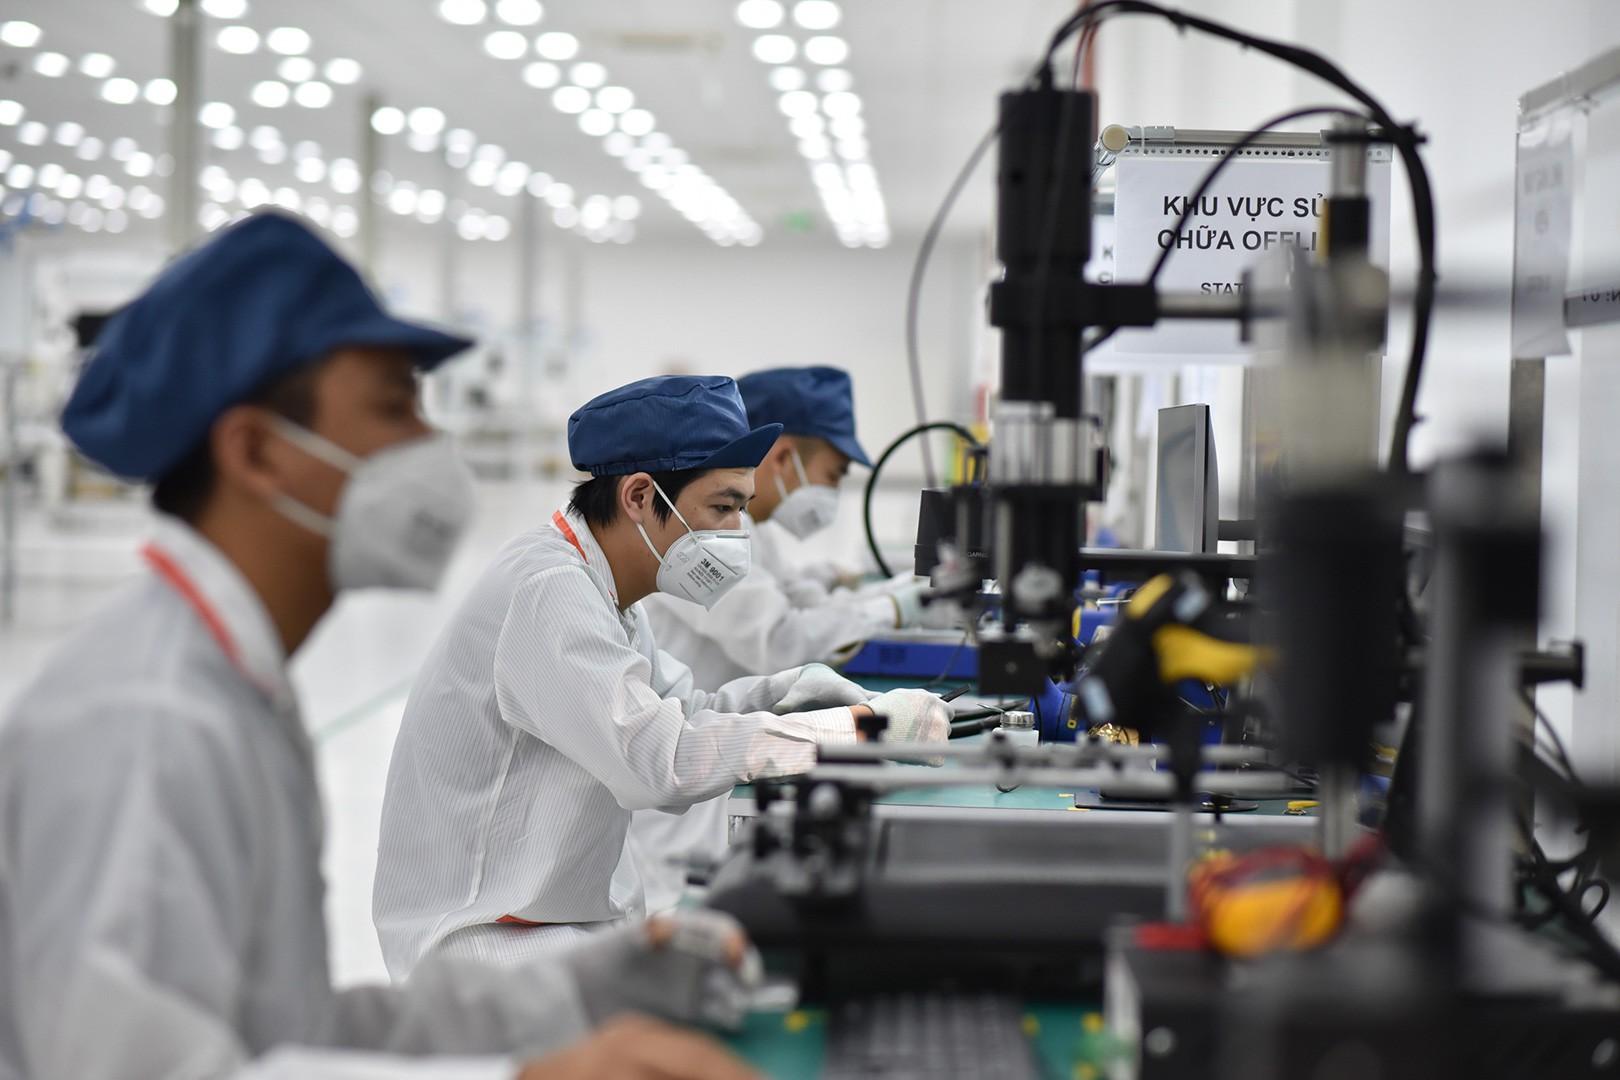 VinSmart động thổ nhà máy sản xuất điện thoại công suất 125 triệu chiếc/năm tại Hòa Lạc - Ảnh 2.